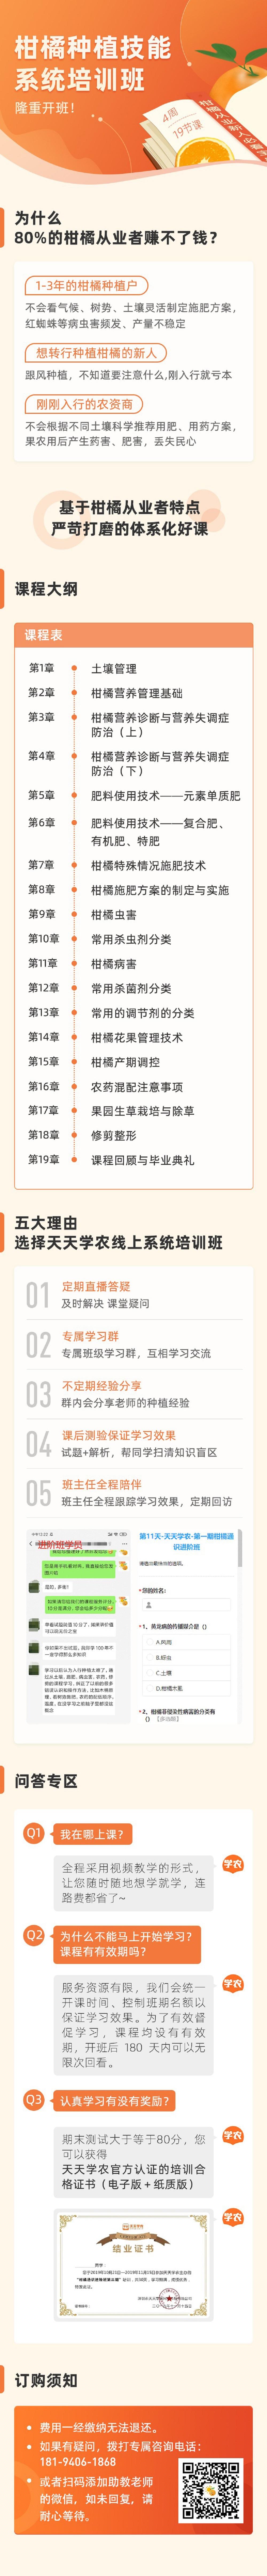 柑橘种植技能系统培训班商详.jpg